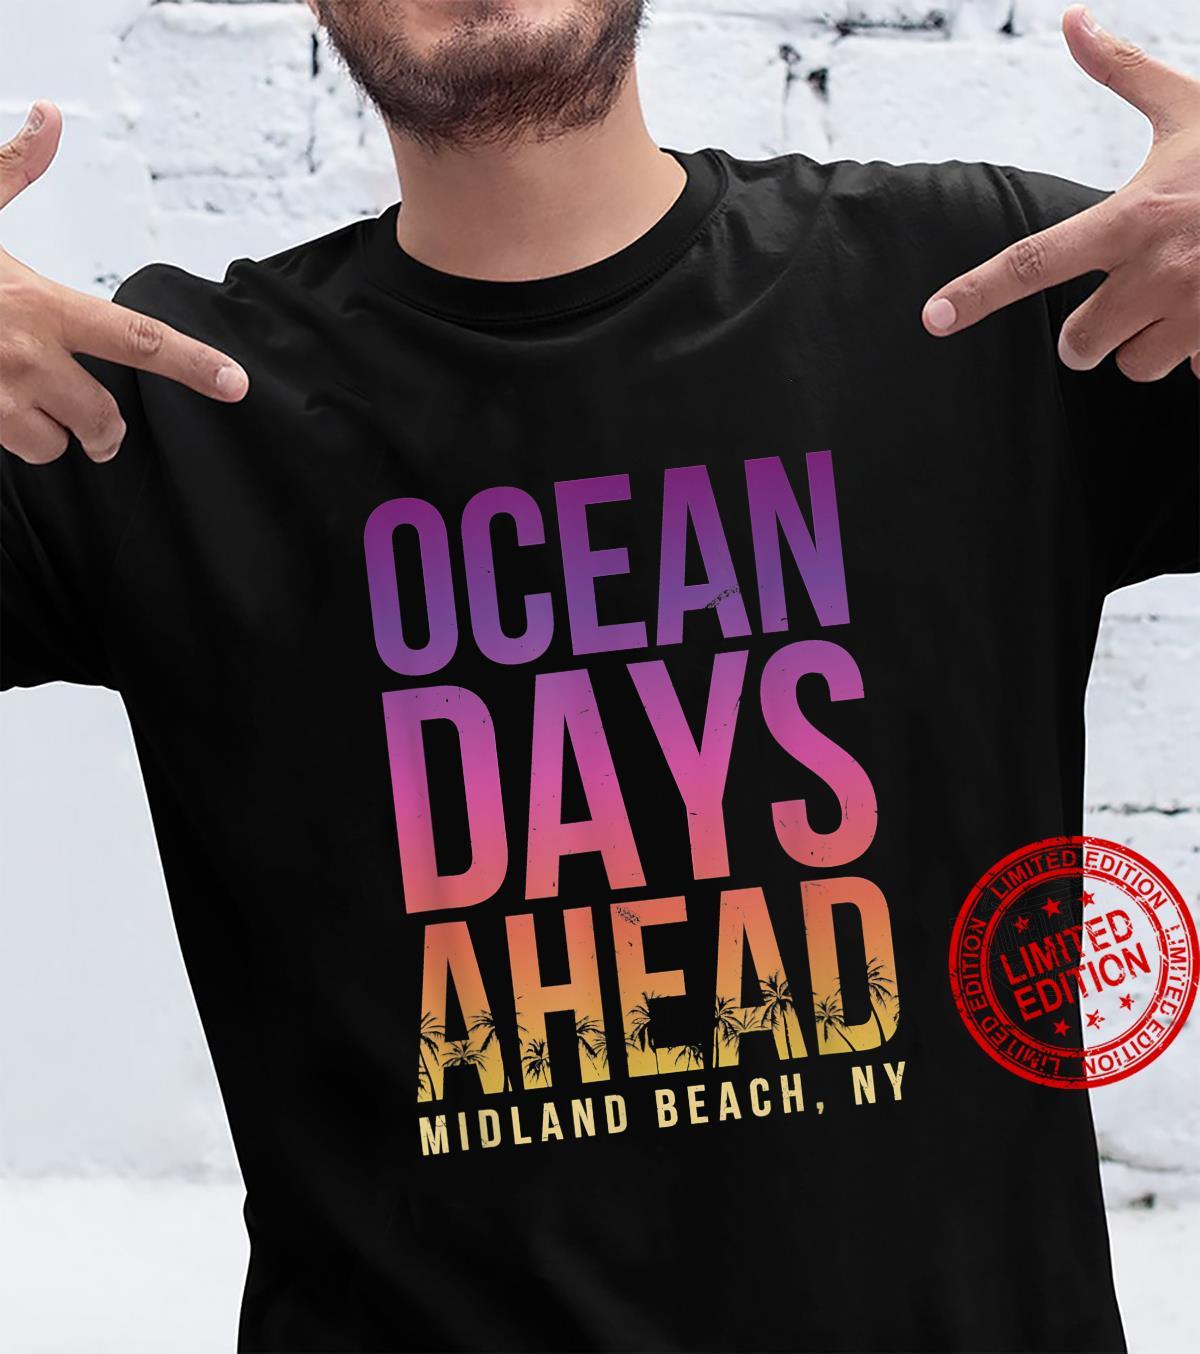 Ocean Days Ahead Midland Beach Beach New York Shirt